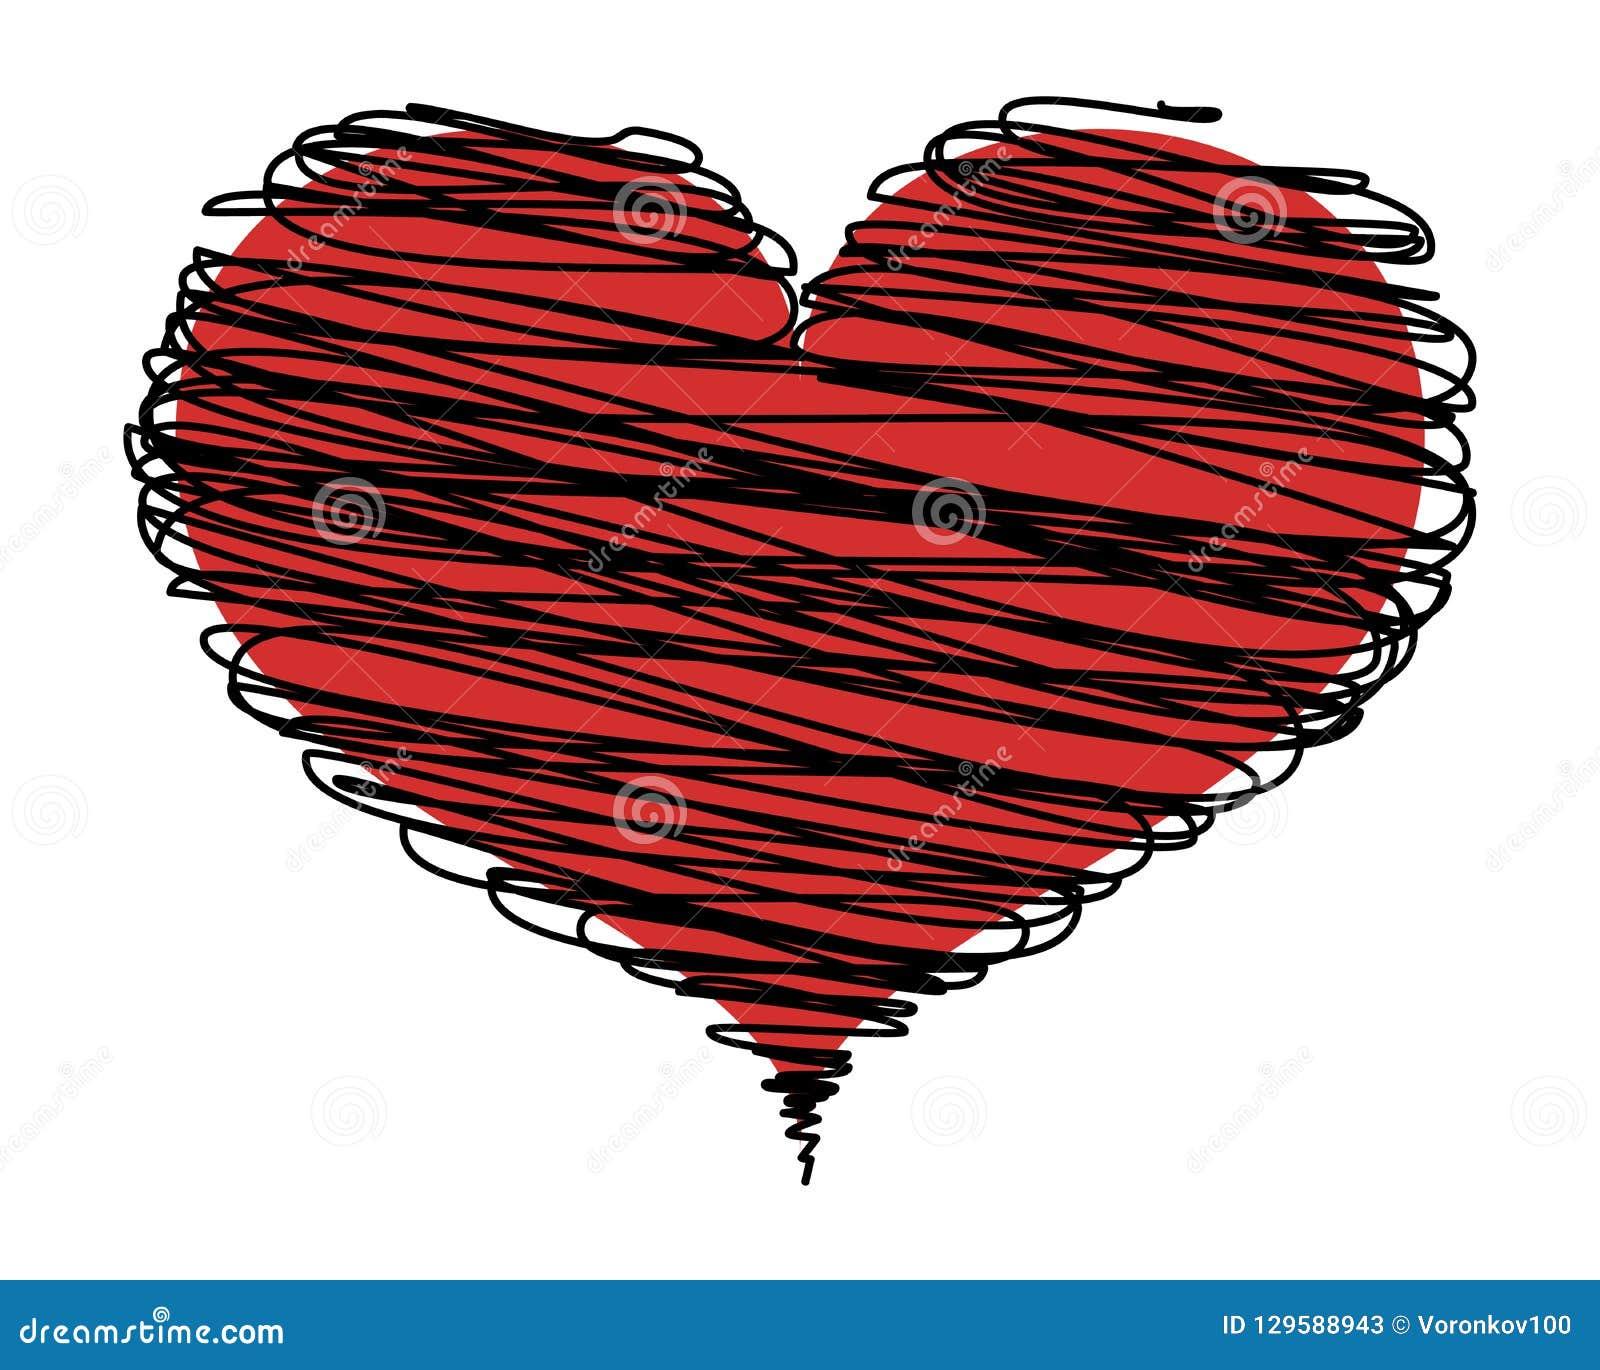 Абстрактное красное сердце с черными линиями, значок Элемент дизайна вектора изолированный на светлой предпосылке